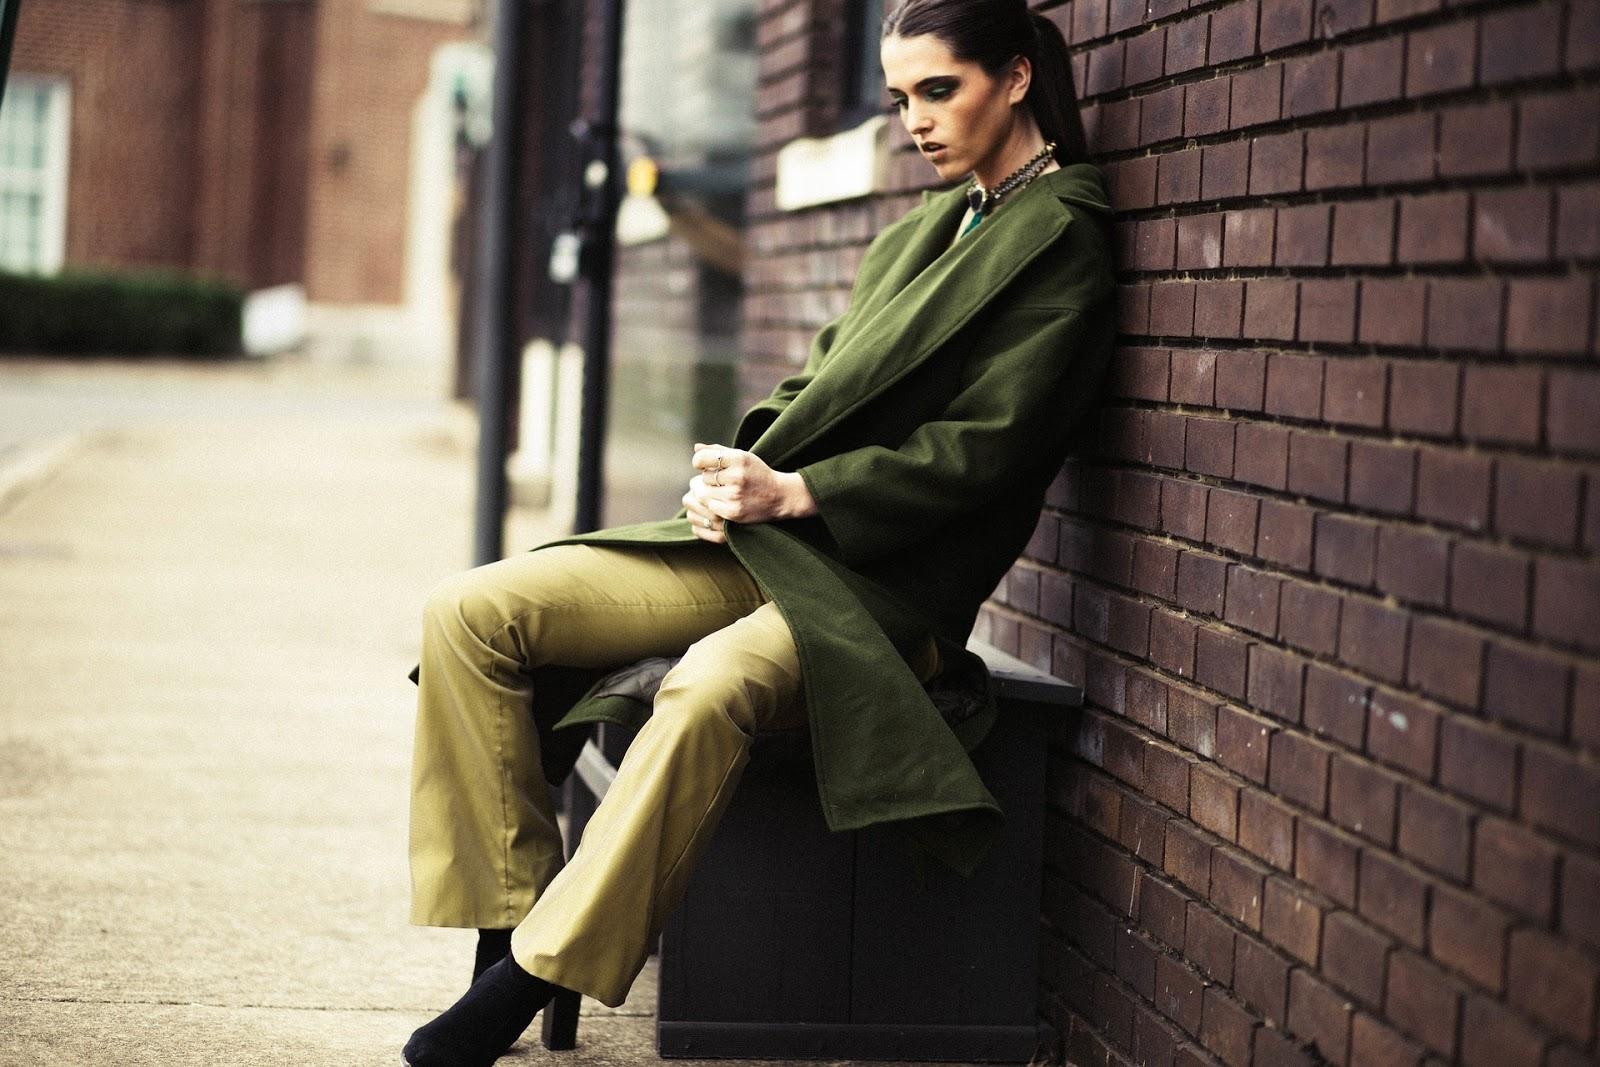 gente , mujer , moda , modelo , belleza , verde , streetwear ,